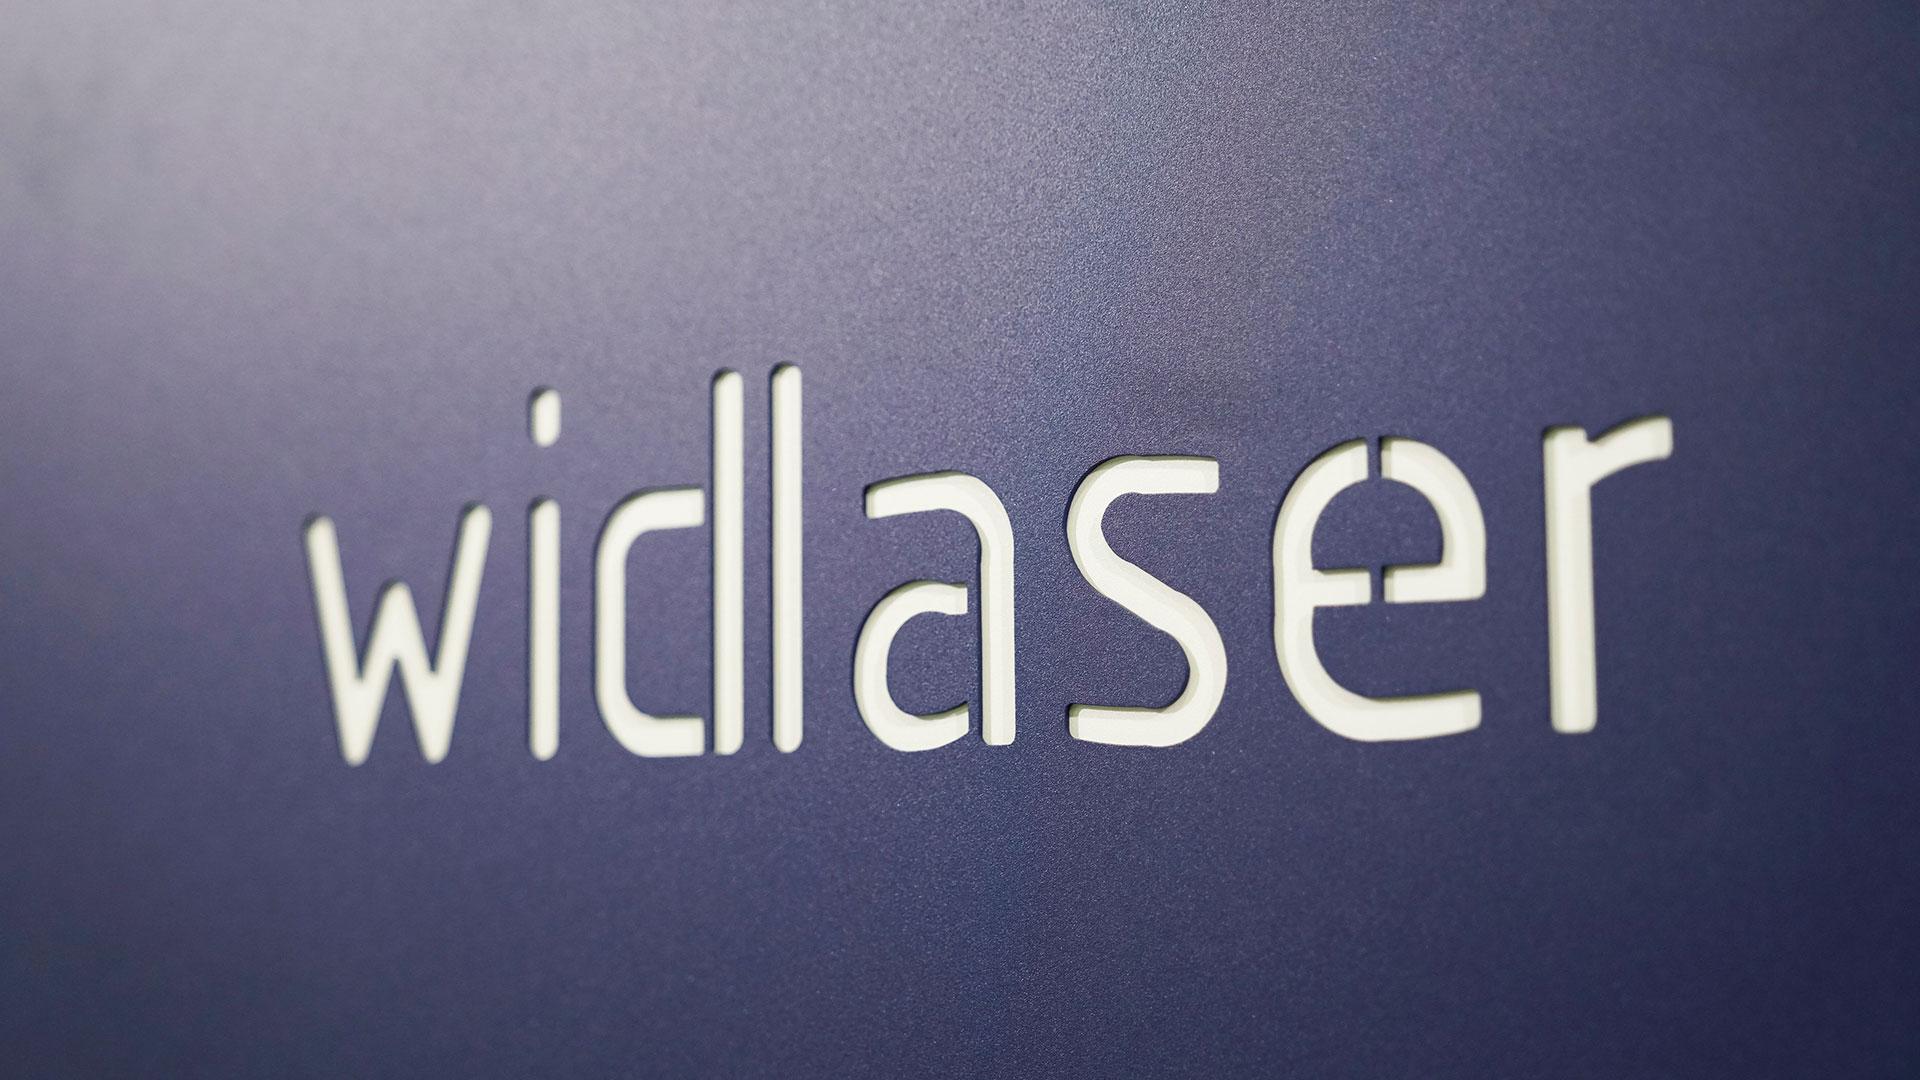 widlaser_ls40b_1_14